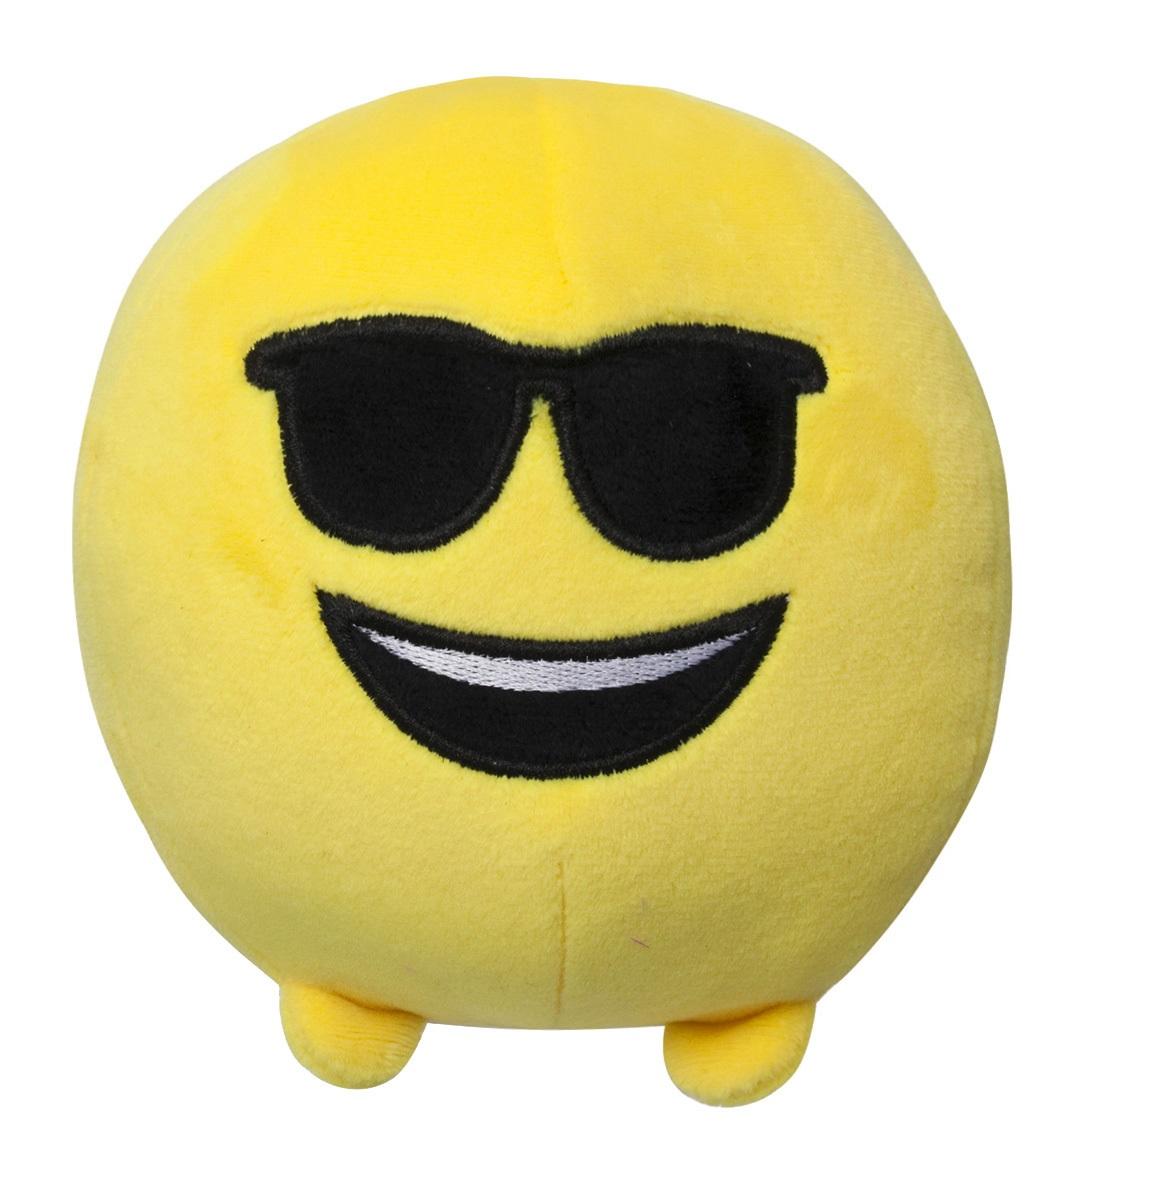 Мягкая игрушка Imoji. Крутой (11 см)Представляем вашему вниманию мягкую игрушку Imoji. Крутой в виде одного из смайлов самого популярного месенджера WhatsApp.<br>